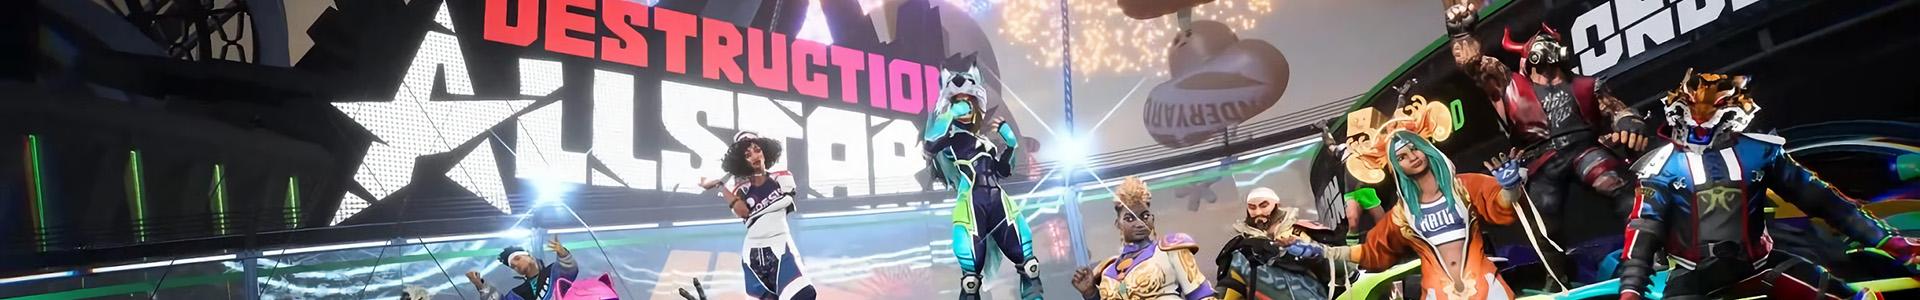 Banner media of Destruction AllStars video game.